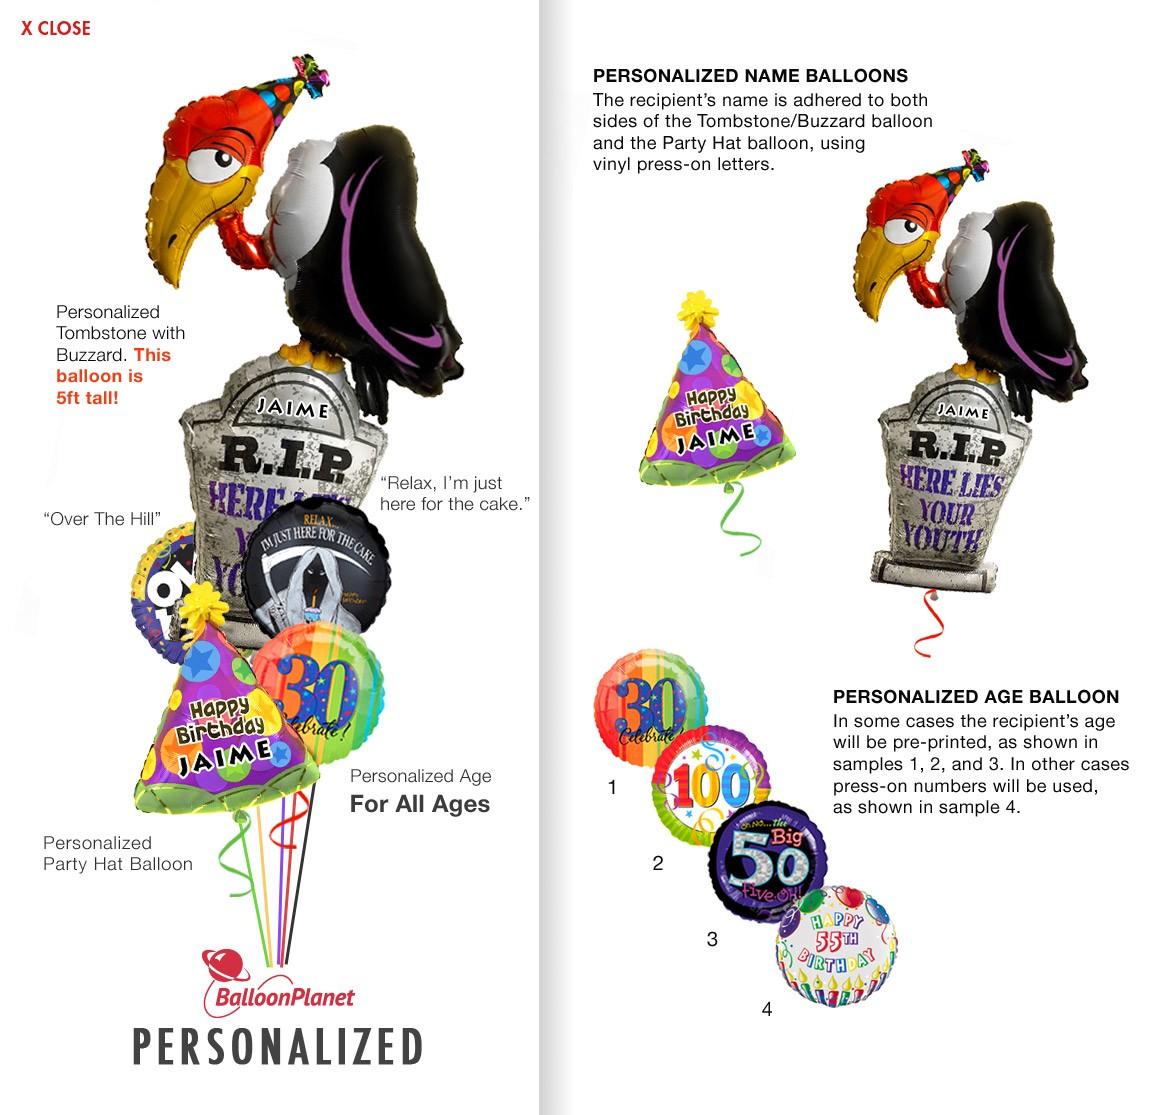 Balloon bouquet delivery balloon decorating 866 340 - Custom Name Age Buzzard Birthday Balloon Bouquet 5 Balloons